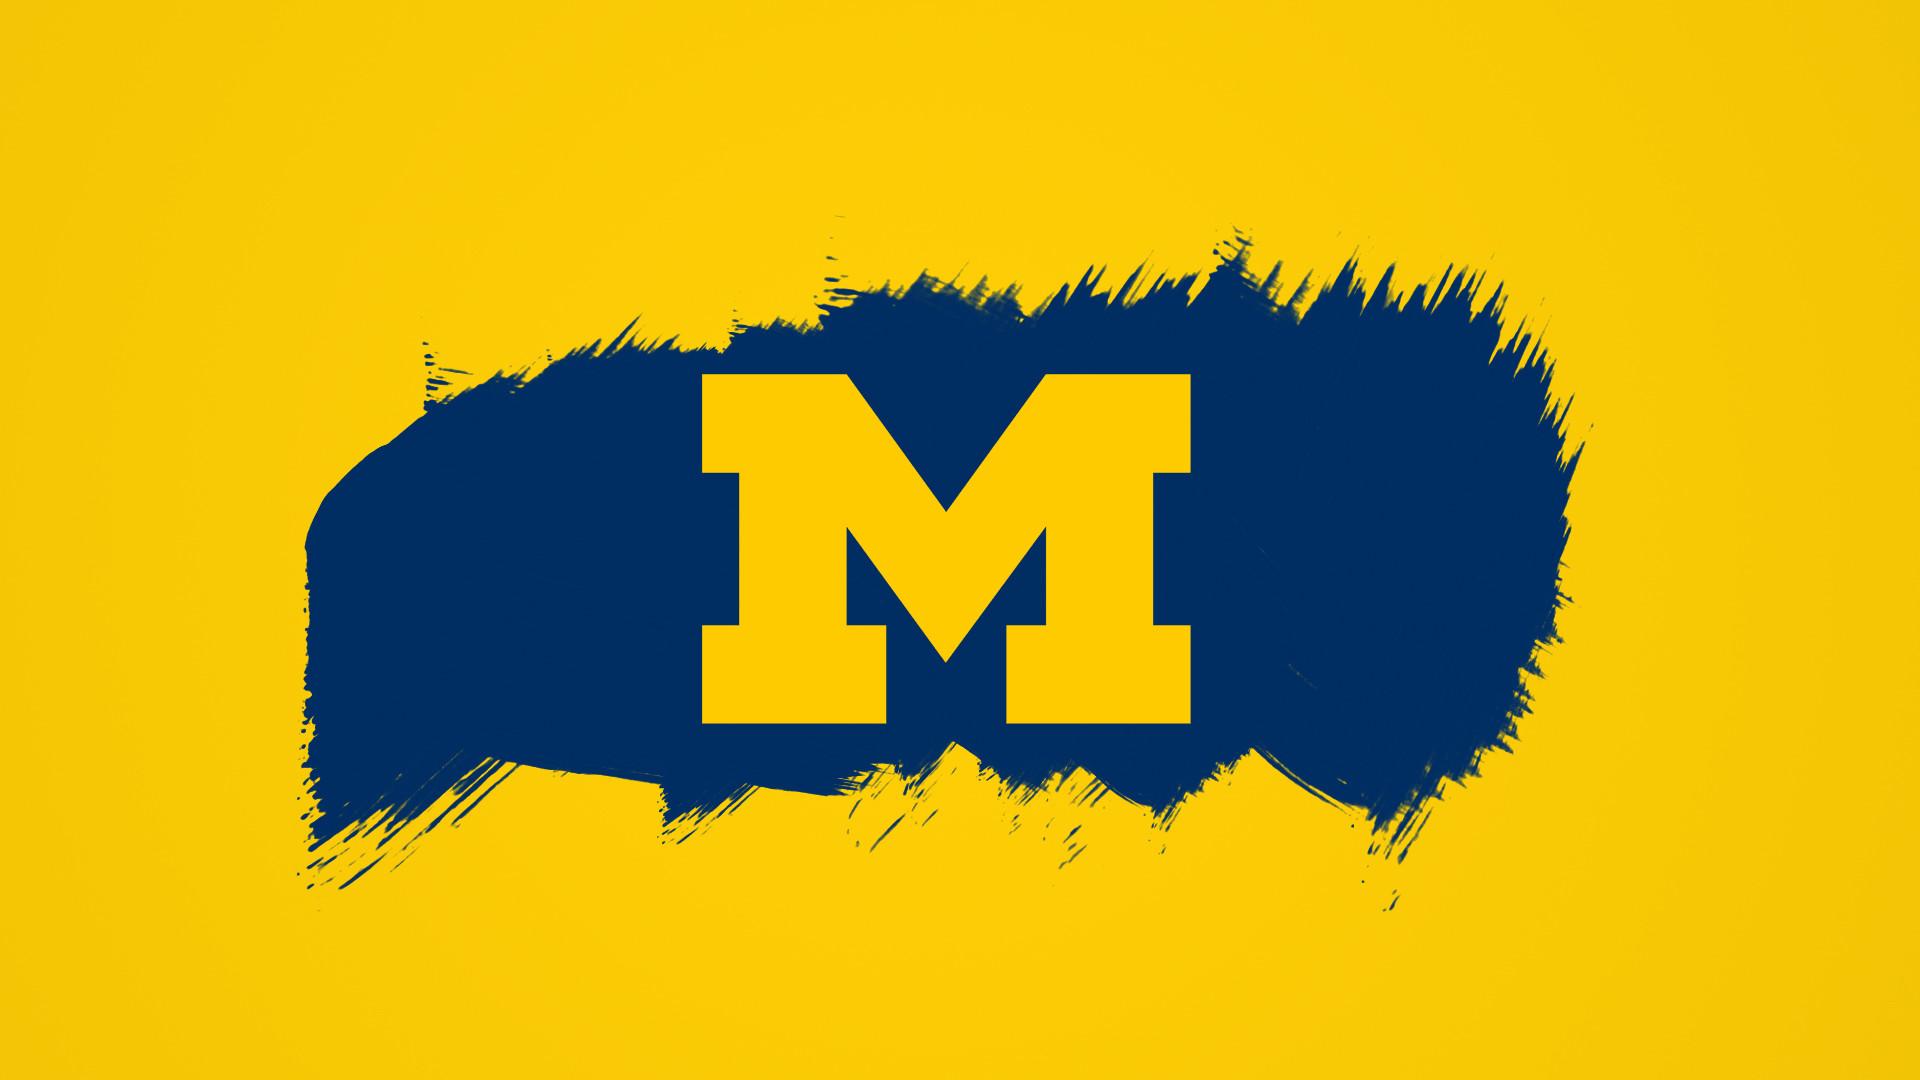 University of Michigan Screensaver Wallpaper – WallpaperSafari